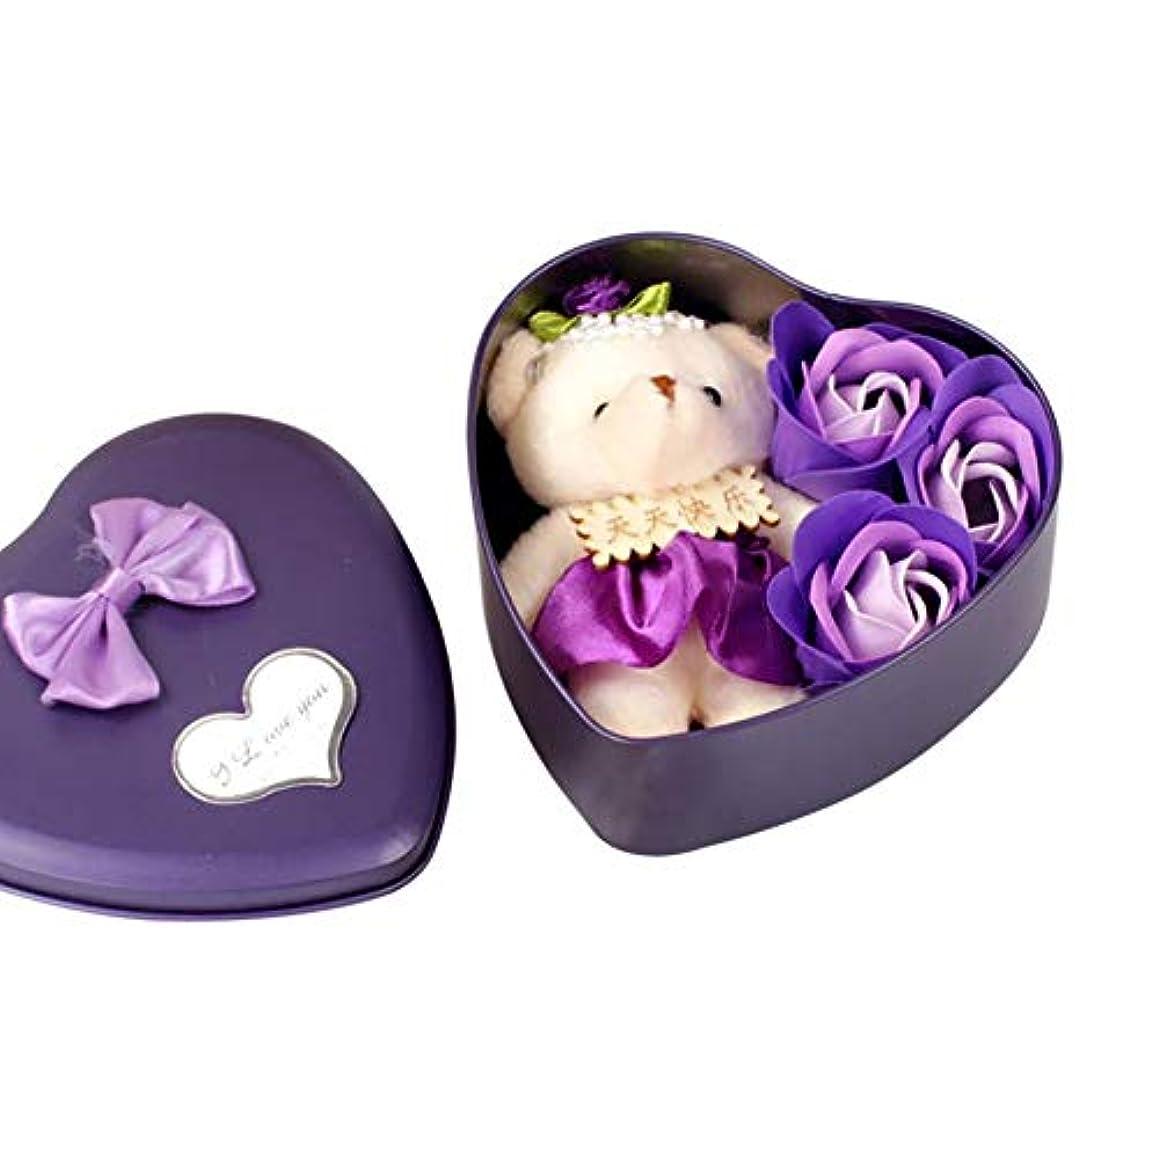 魔法すなわち世界記録のギネスブック3個 香り バラの花 花びら ハート形 ギフト ボックス クマ バス ボディソープ ギフト ウェディング パーティー